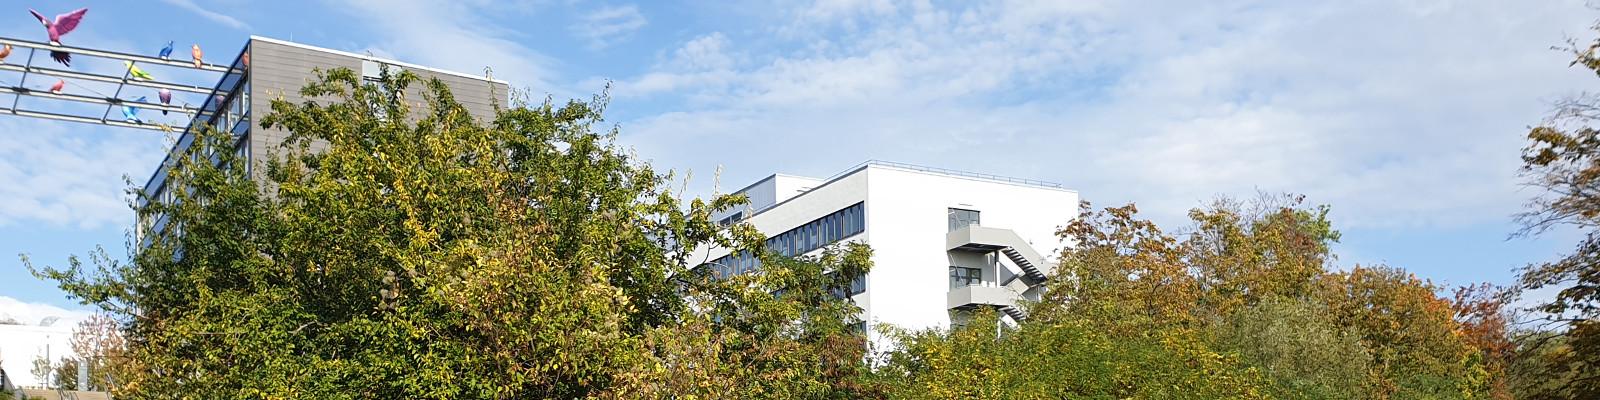 .Campus Landau